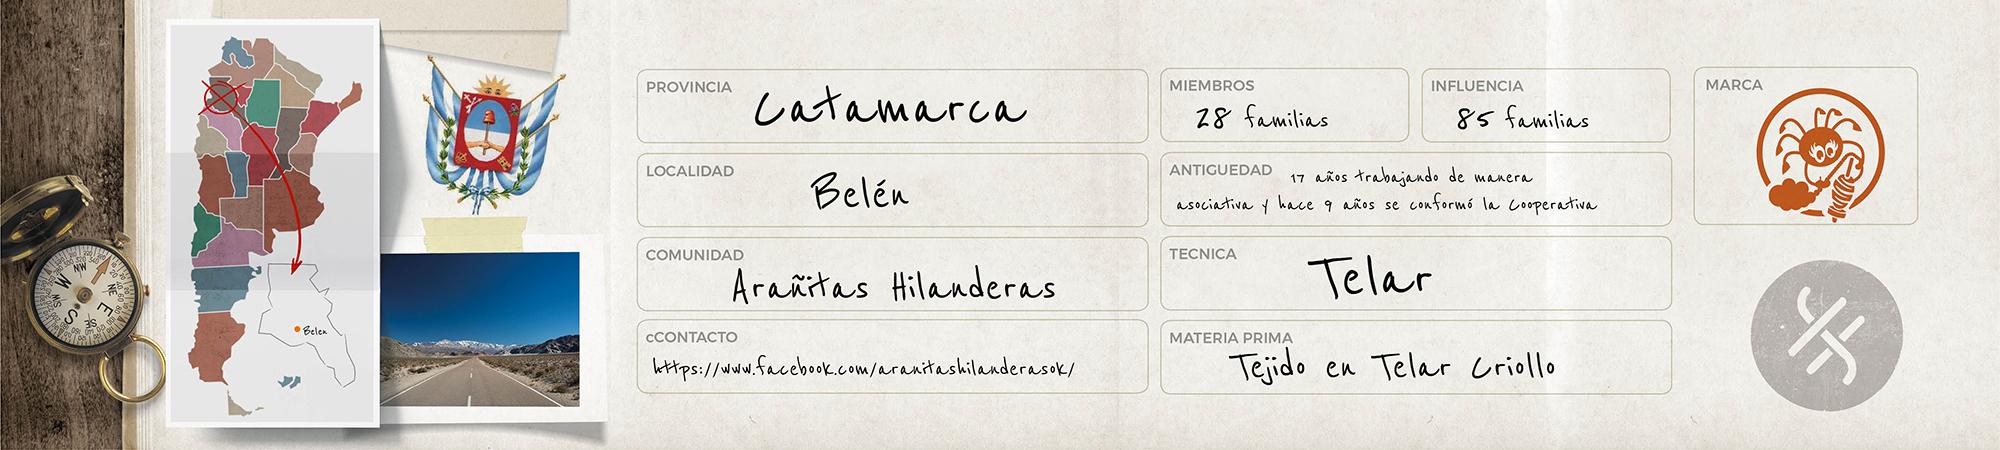 Arañitas Hilanderas - Catamarca.jpg